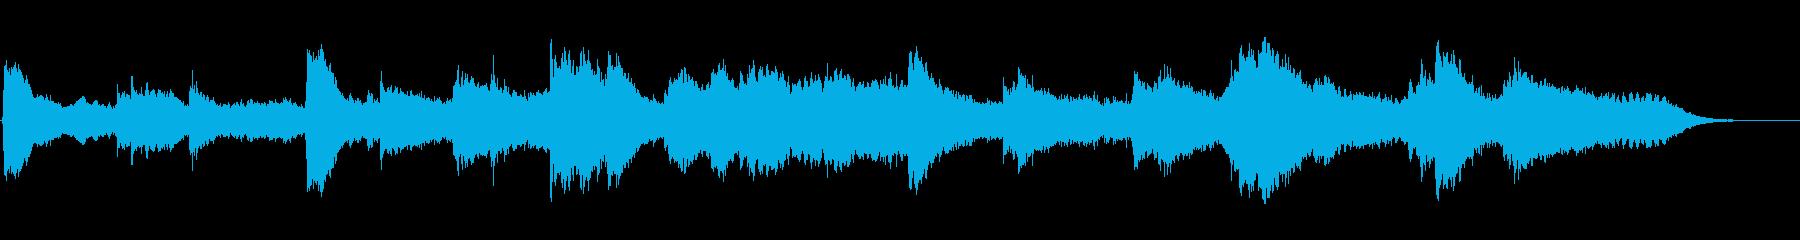 静かなシンセサイザーとピアノの再生済みの波形